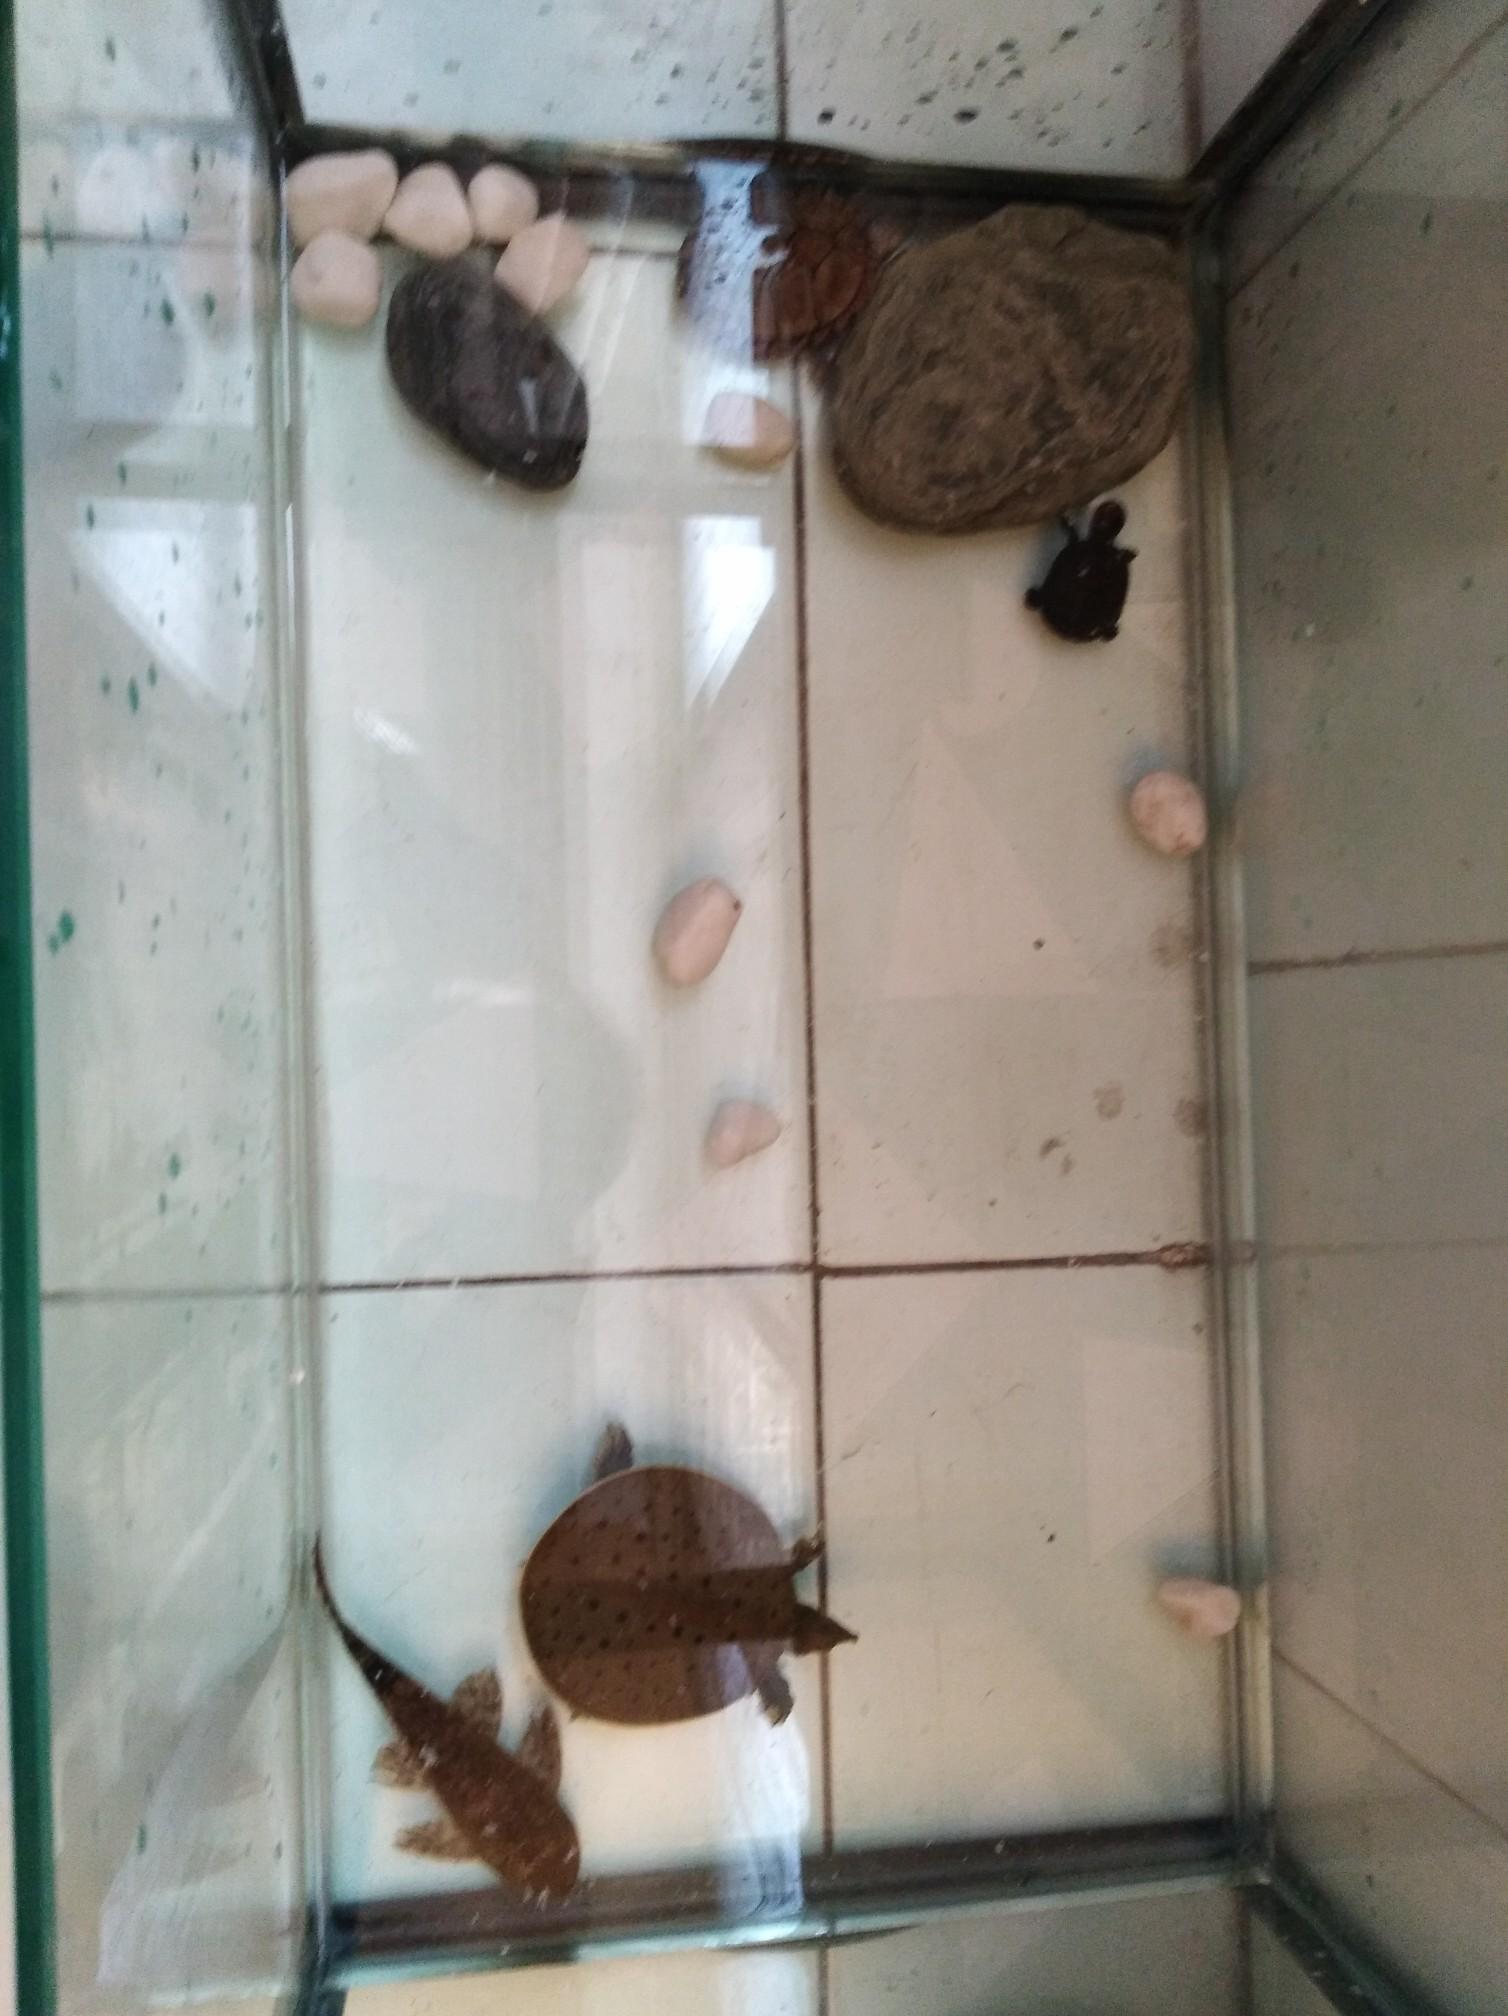 想帮龟买个免去冬眠的缸,却被坑了。 绵阳龙鱼论坛 绵阳水族批发市场第1张